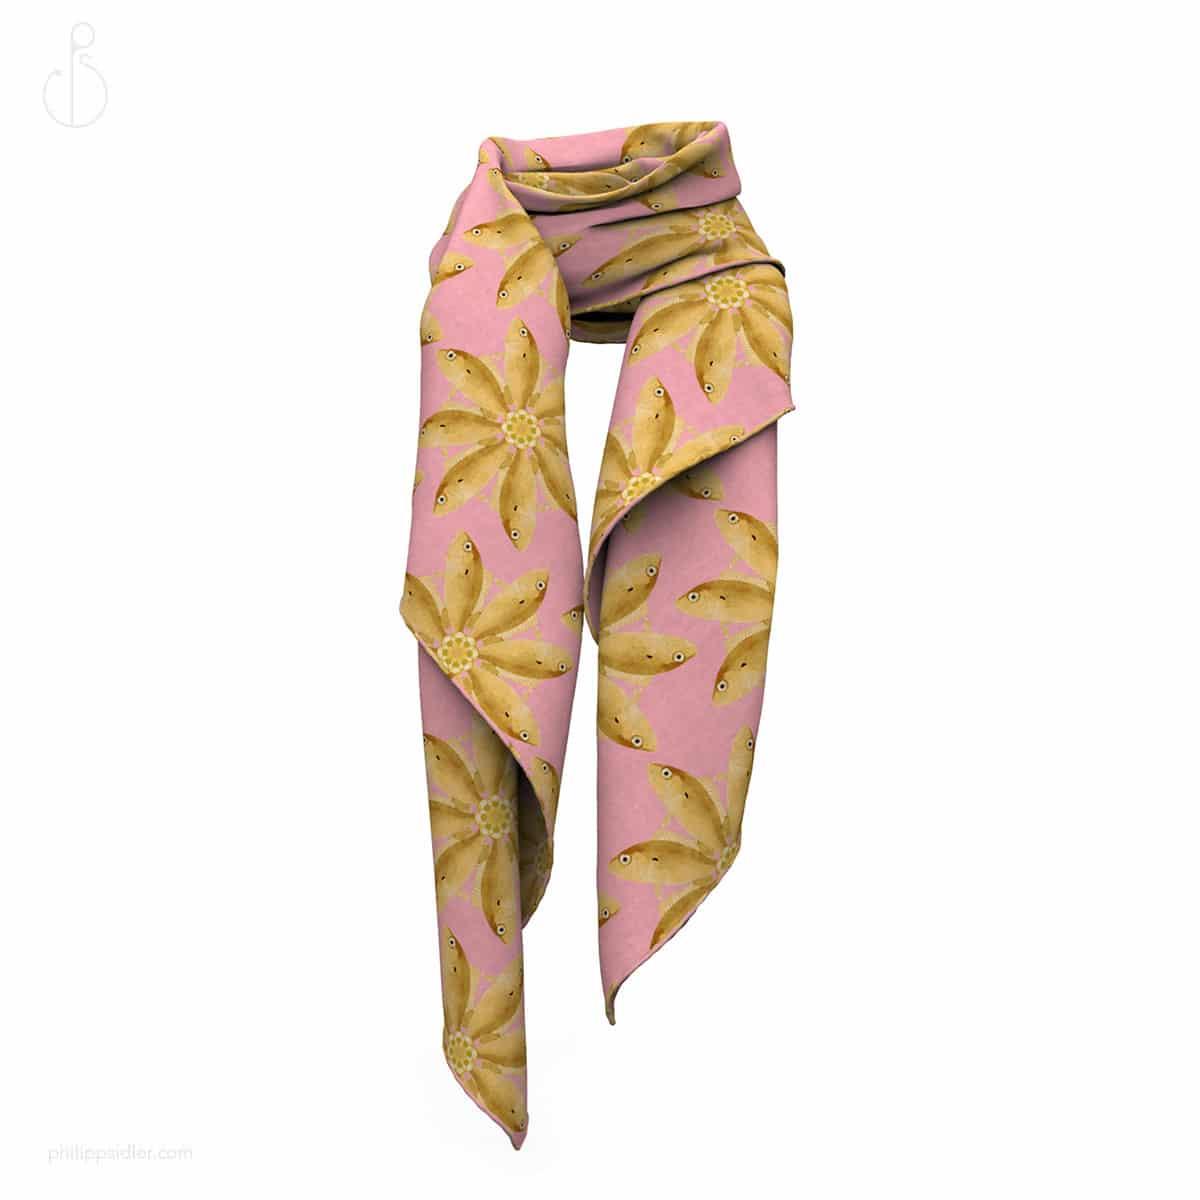 goldfish-scarf-folded